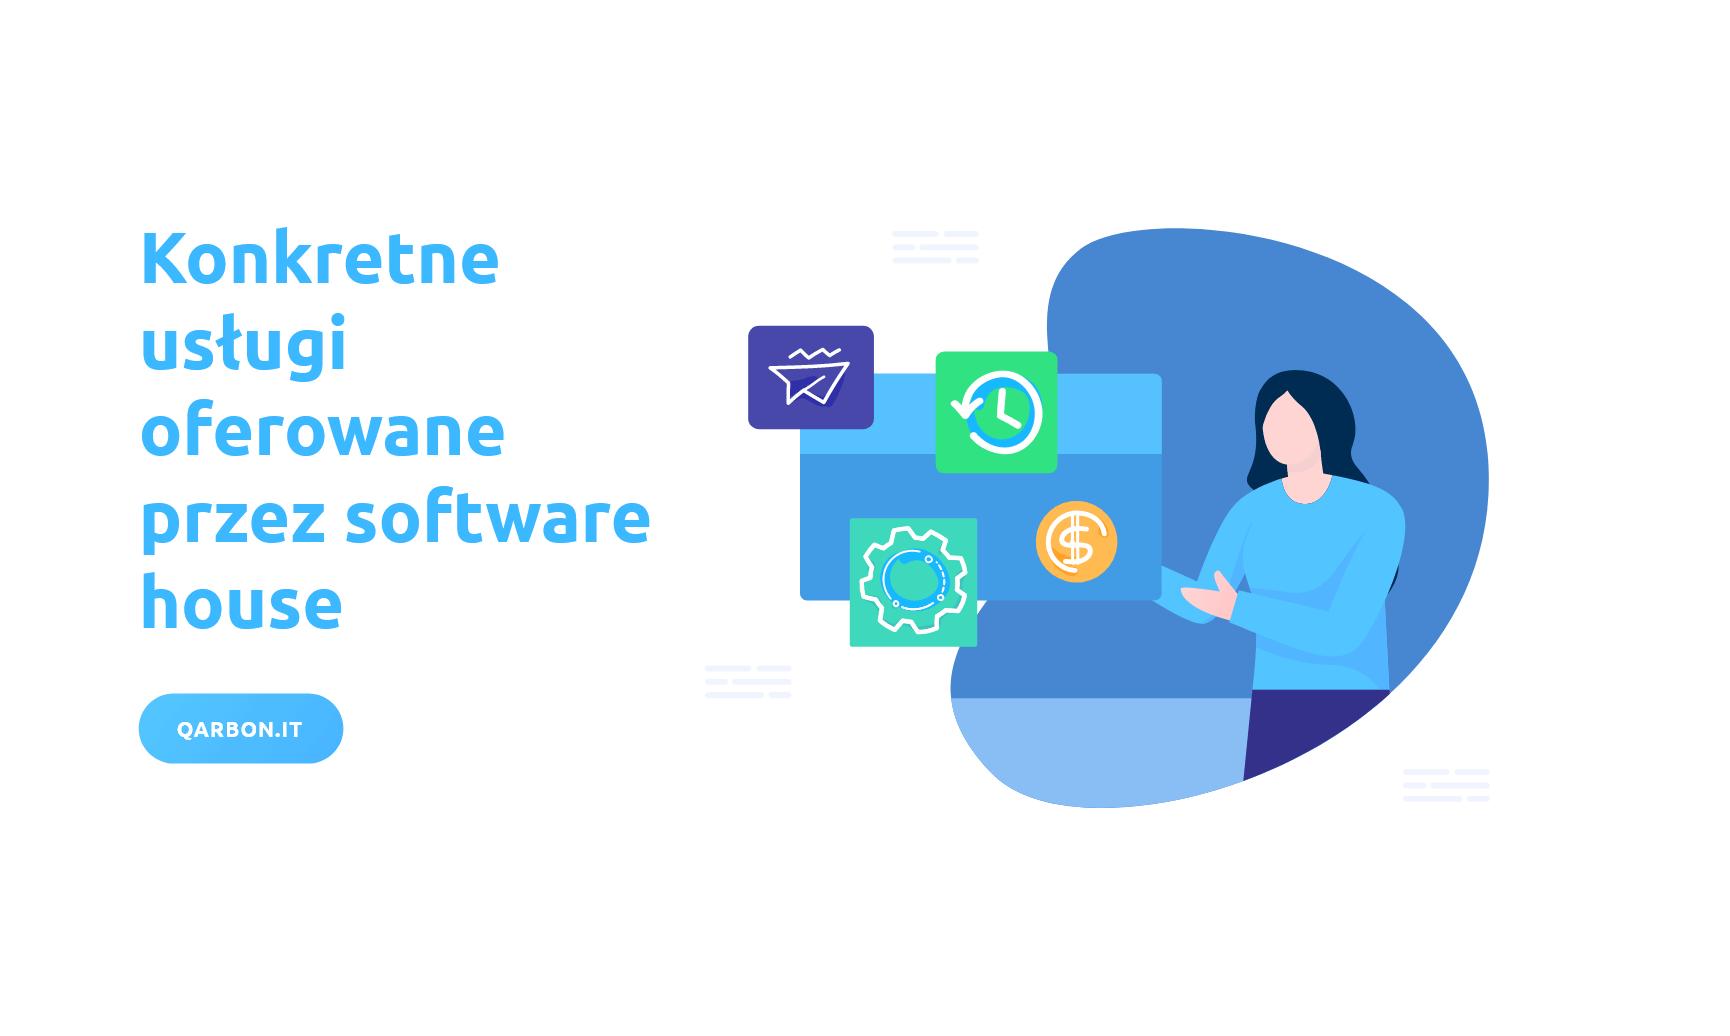 konkretne usługi oferowane przez software house